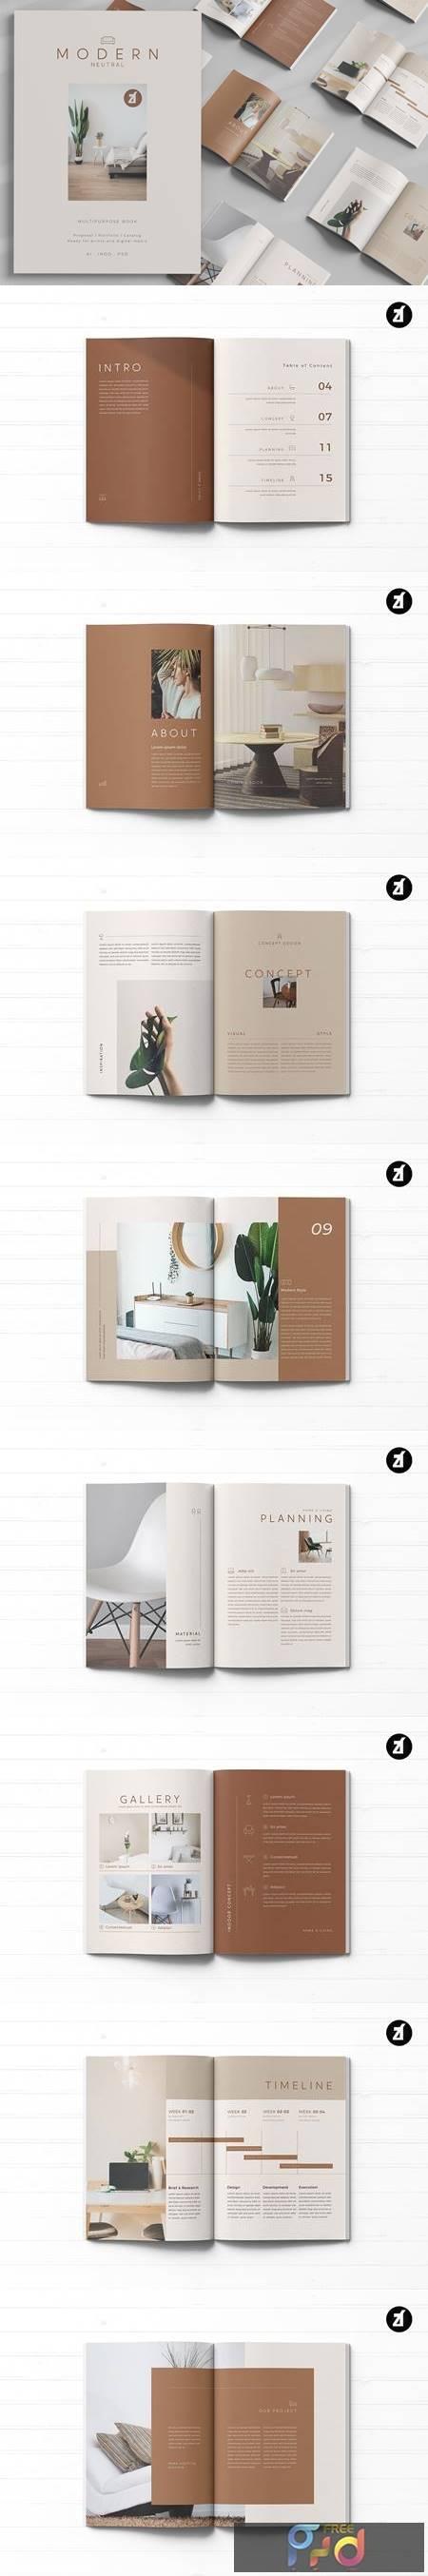 Modern neutral multi-purpose book 4981598 1